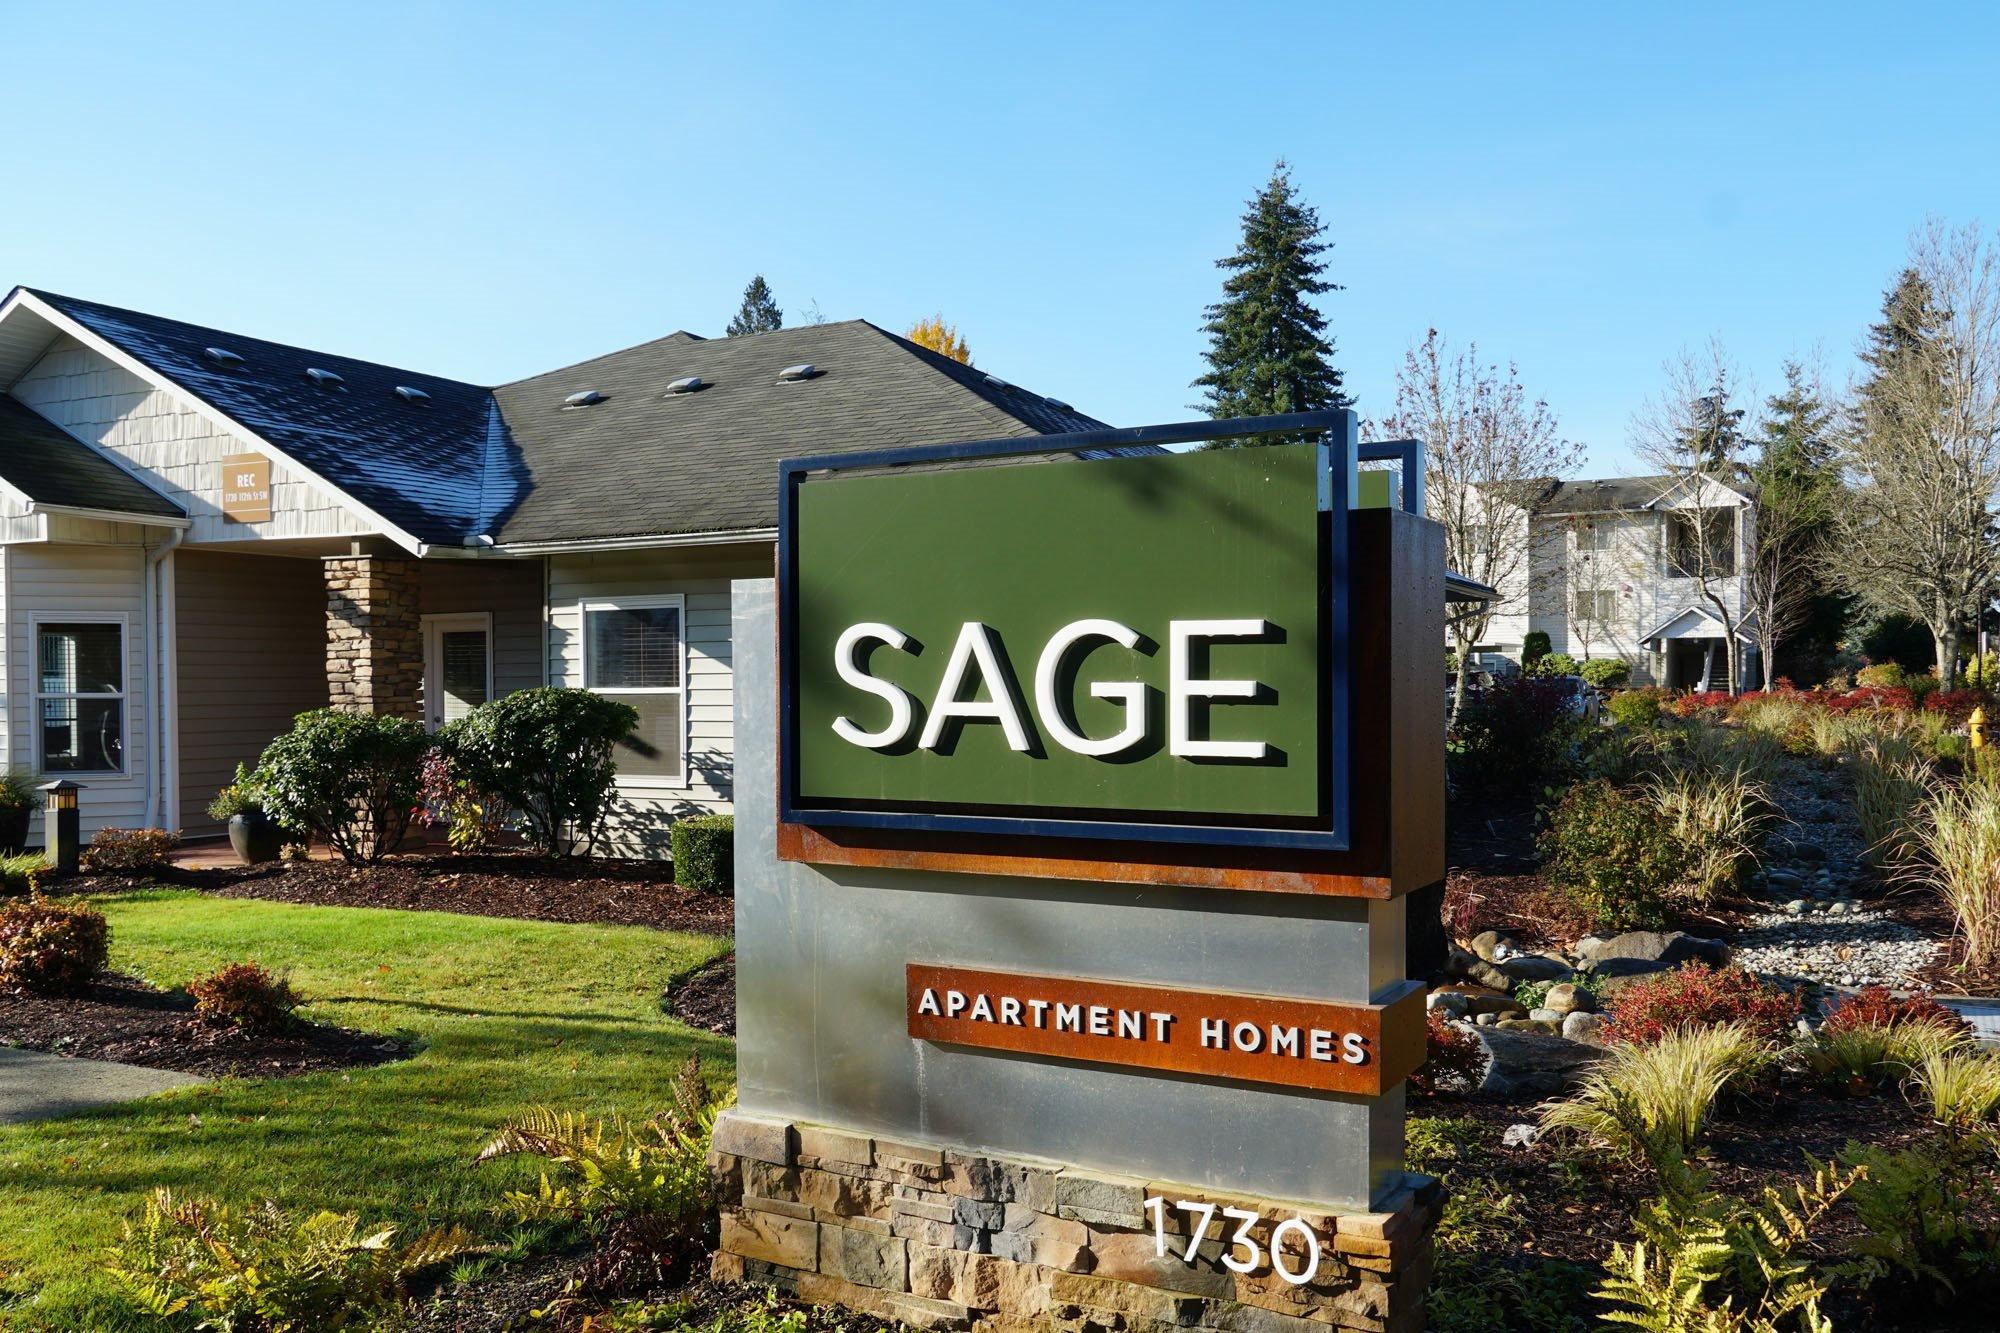 Main Entrance at Sage Apartments